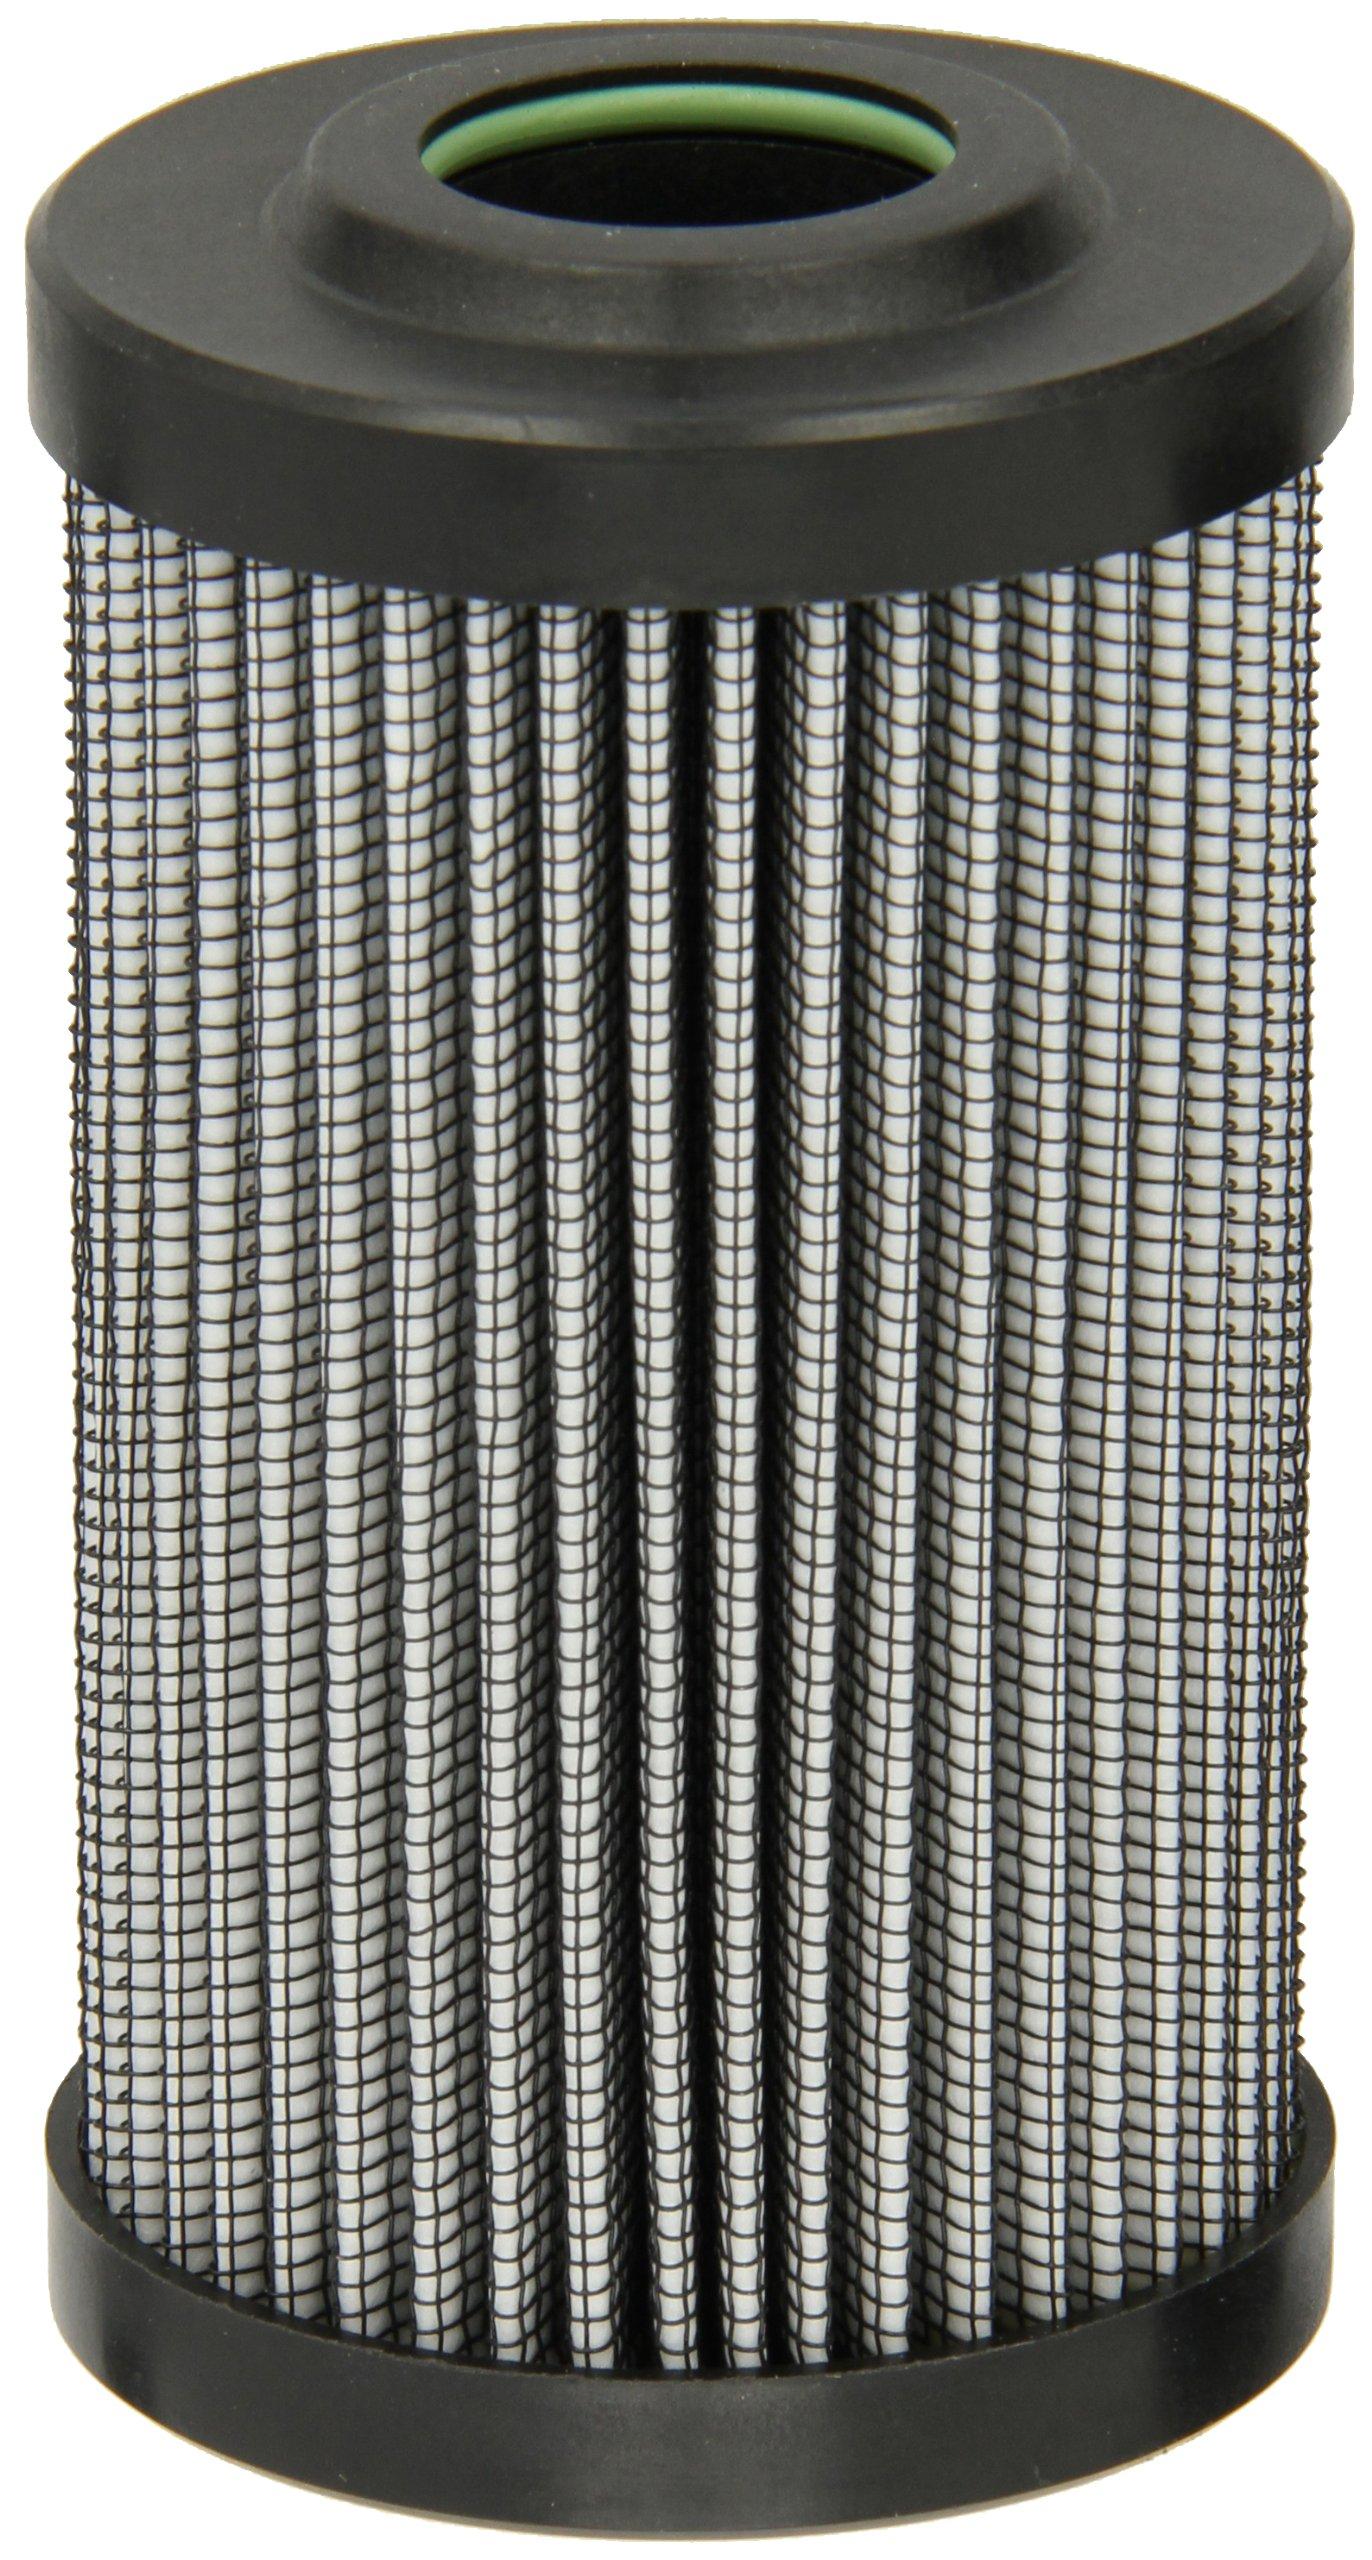 Bosch Rexroth R902603298 Micro-glass Filter